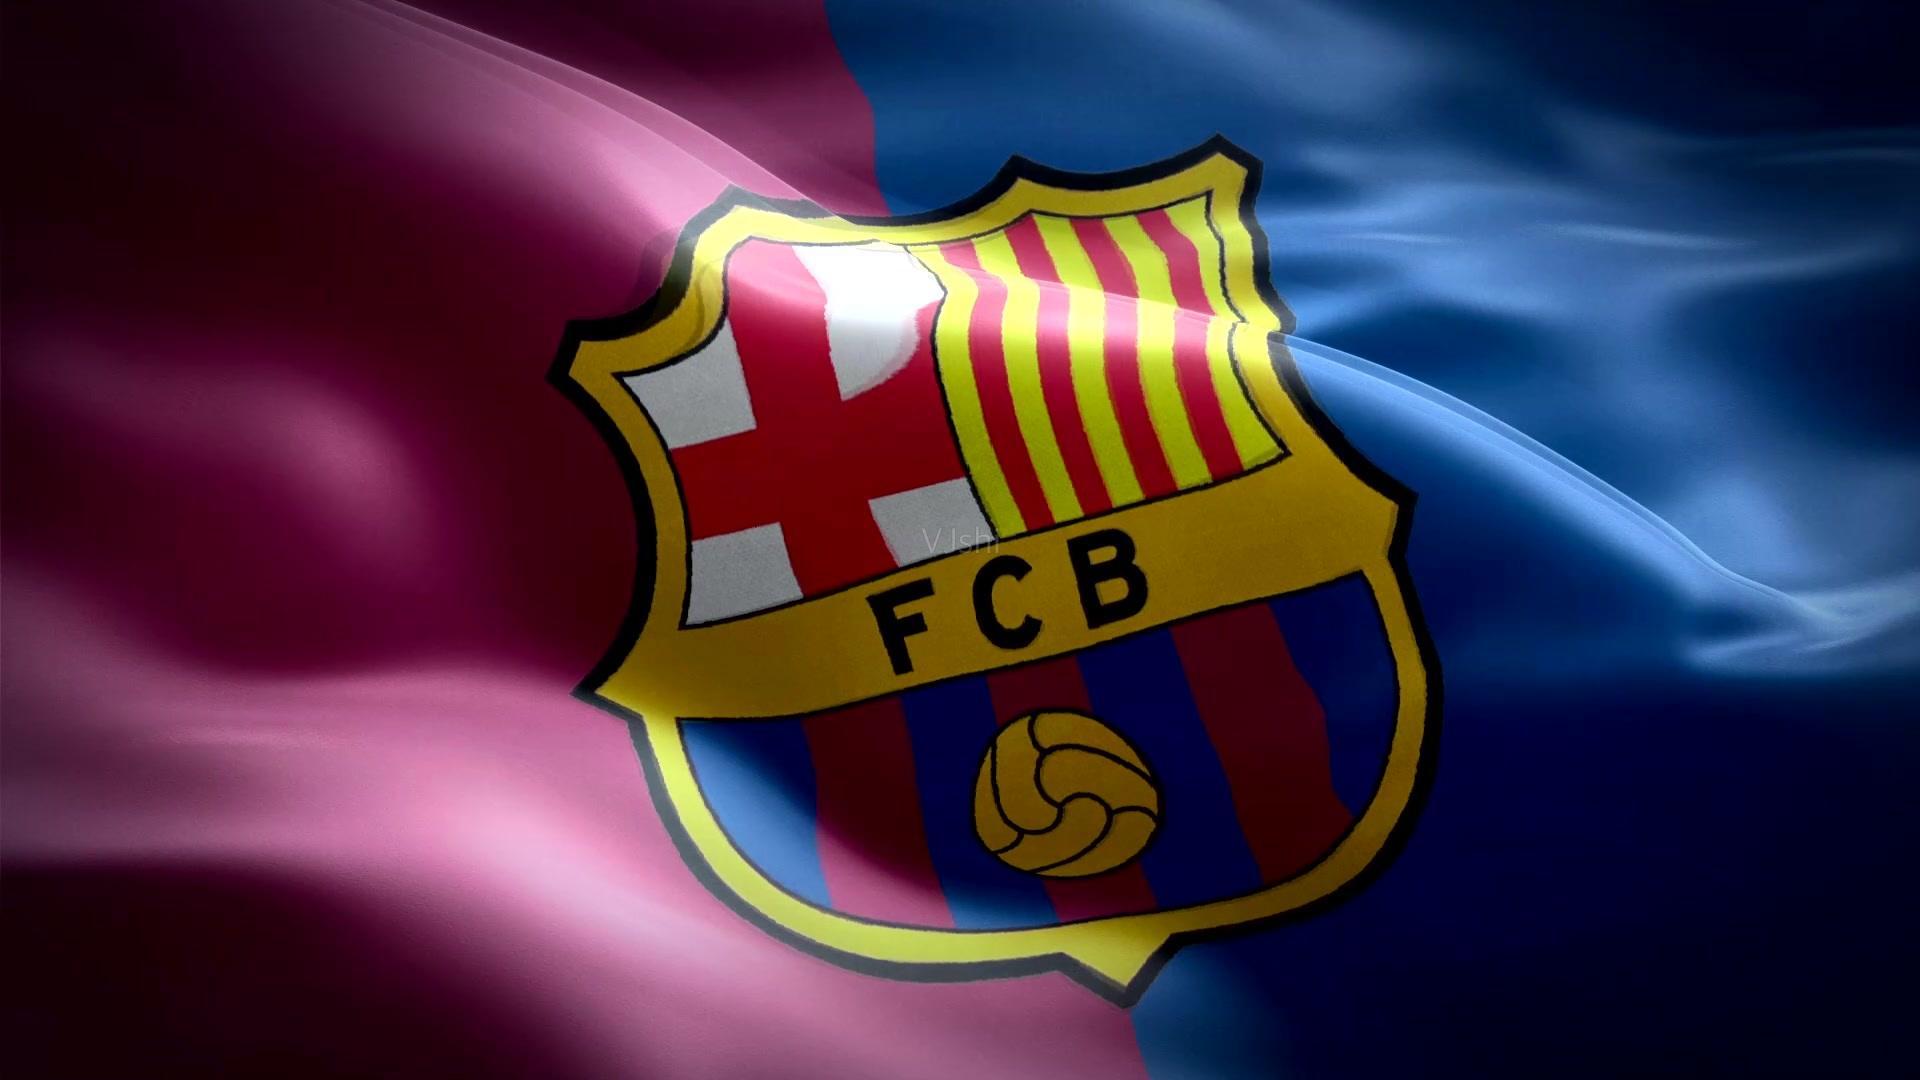 瓦伦西亚主席抵达巴塞罗那,未来48小时内有望完成罗德里戈的转会